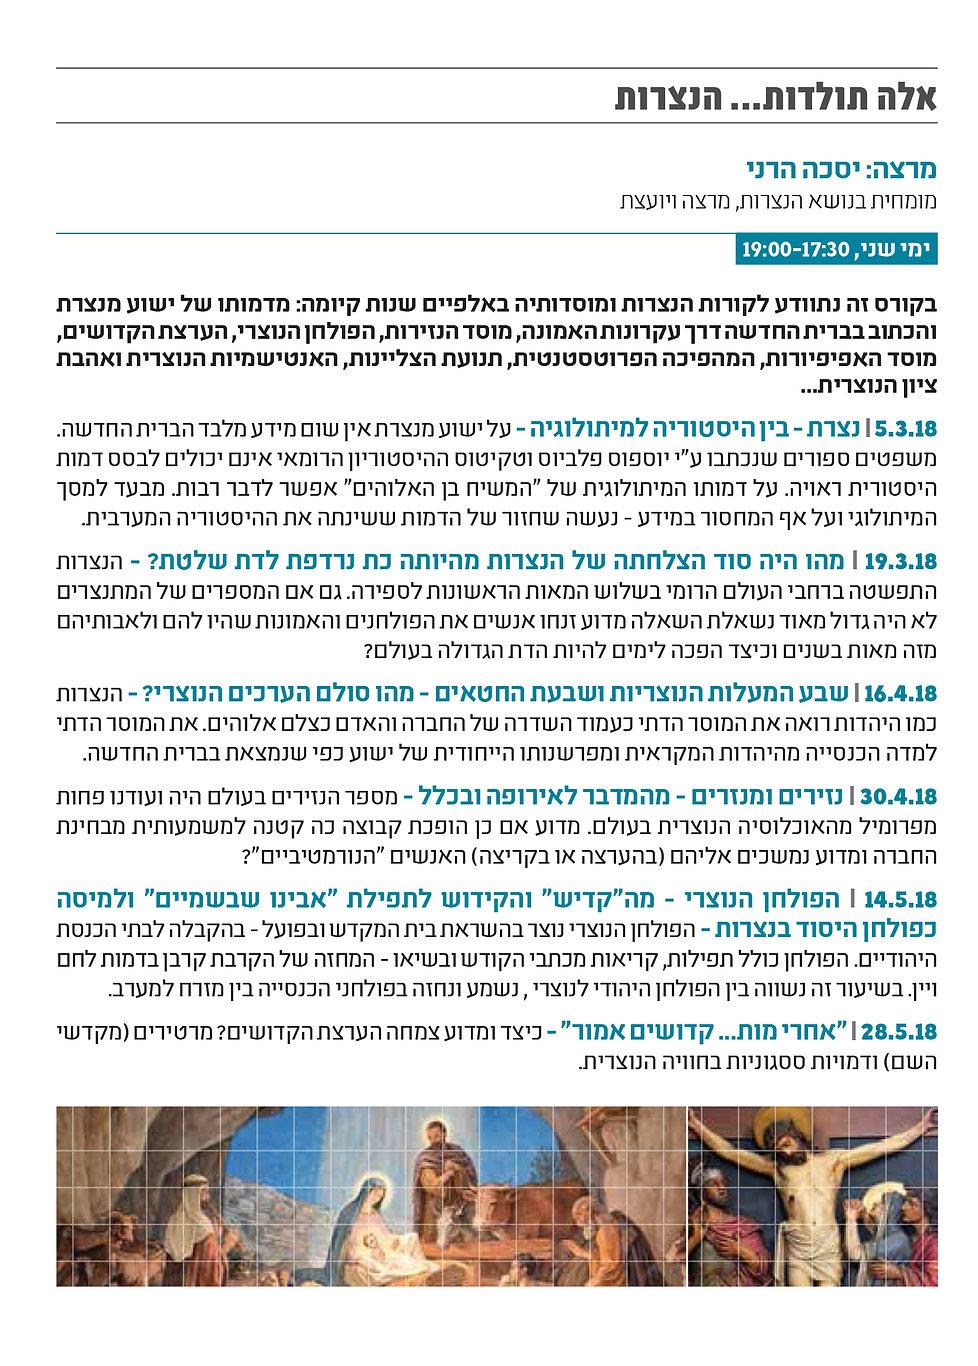 יסכה הרני רמת גן תולדות הנצרות.